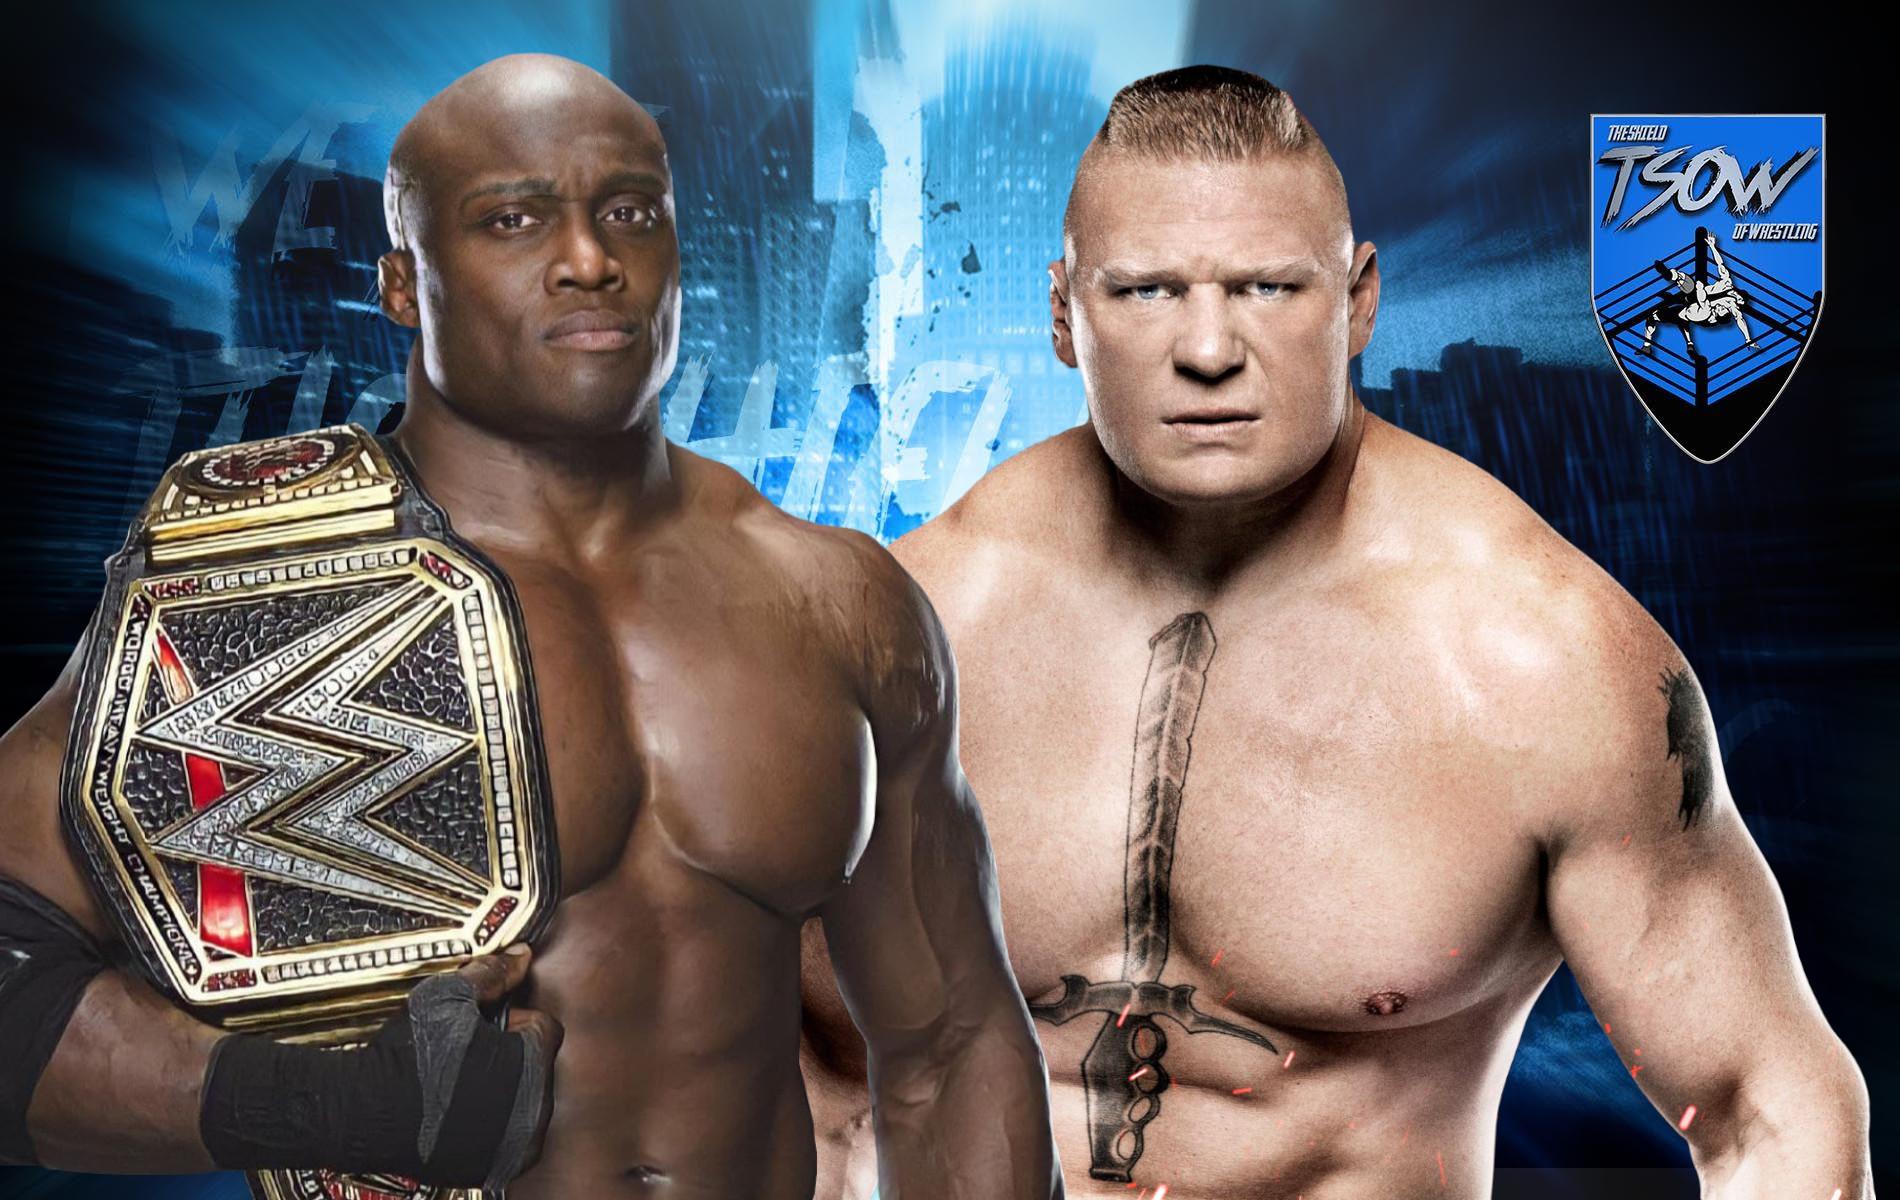 Bobby Lashley vs Brock Lesnar è sempre più vicino?